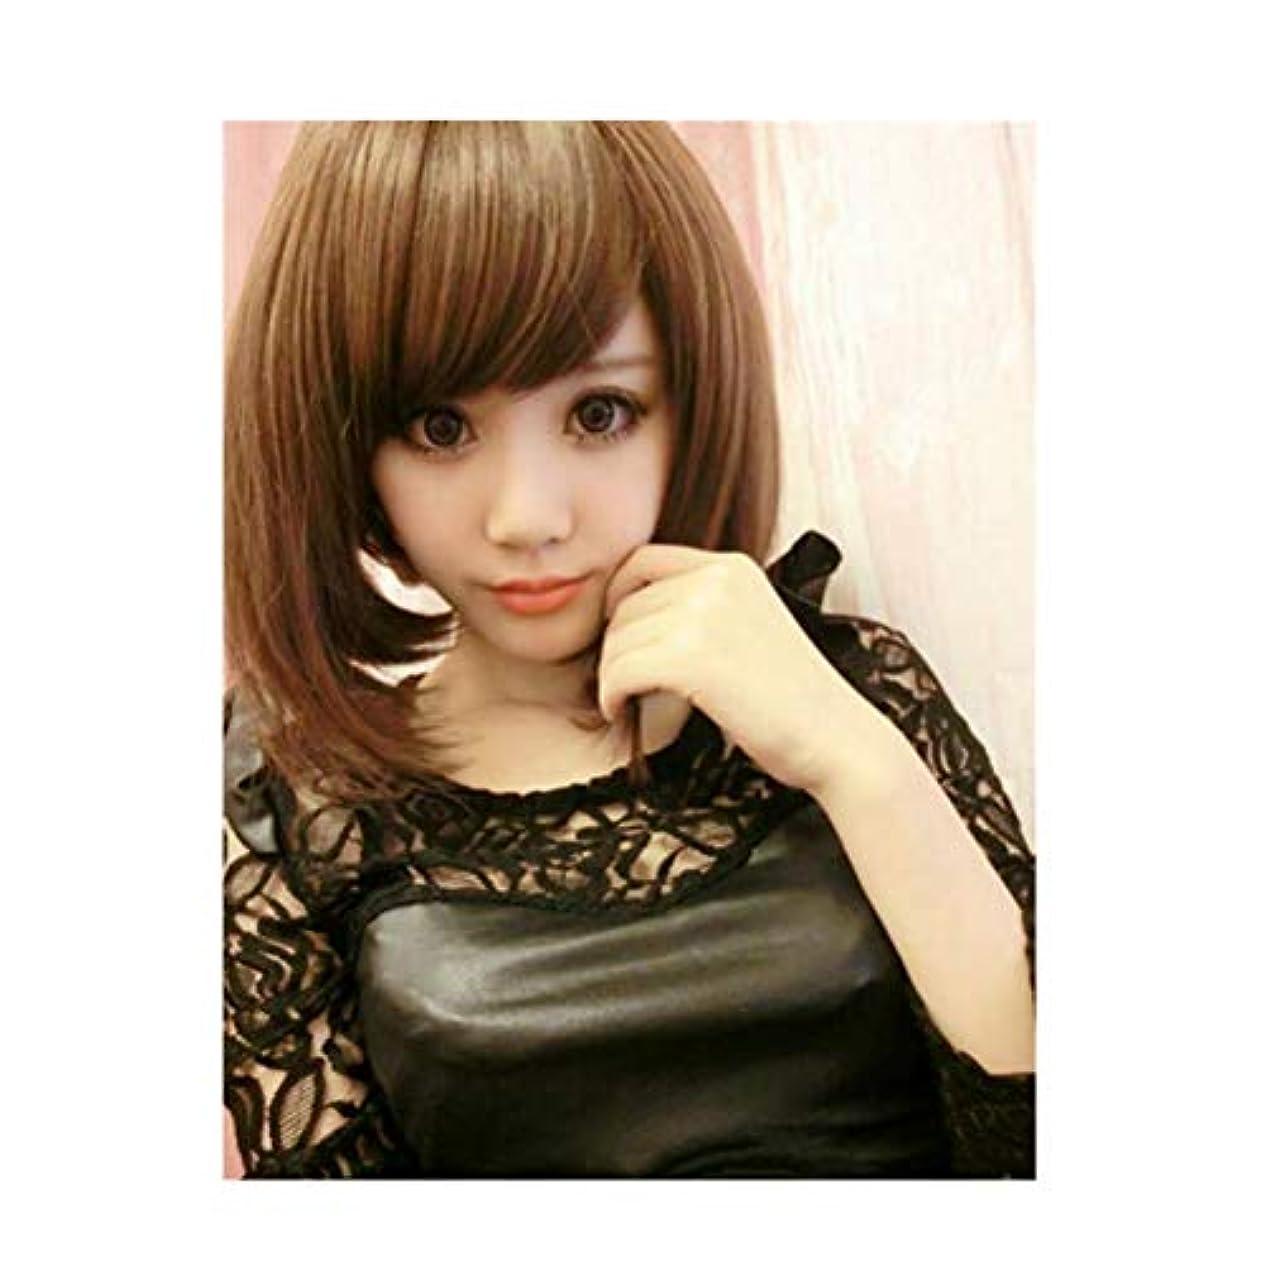 寝具目指すモンクかつら女性の茶色の斜め前髪化学繊維ショートヘア高温ワイヤーLH2201 (ライトブラウン)